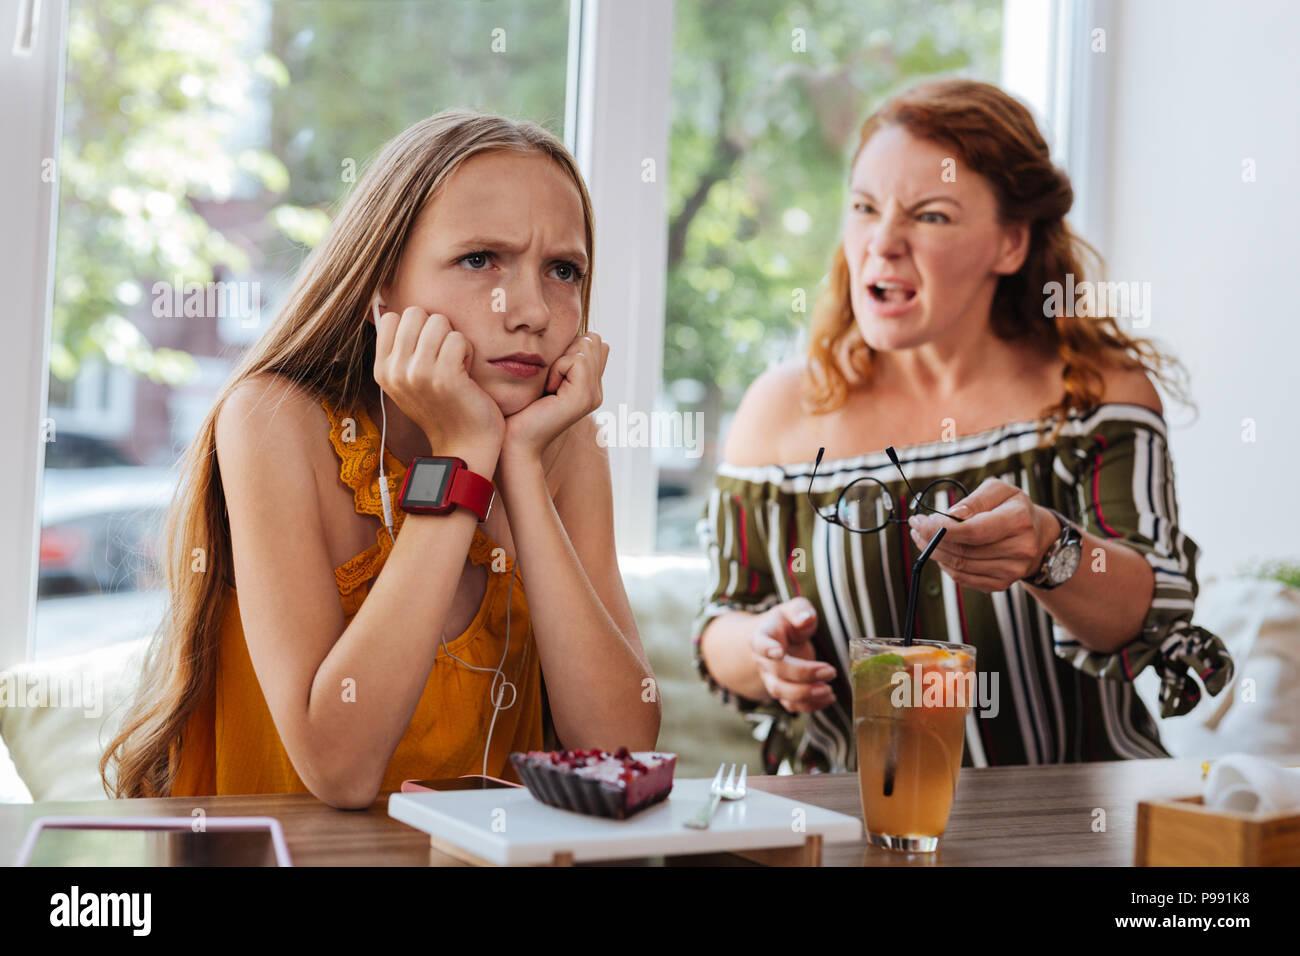 Blue-eyed Schulmädchen wütend Argumentieren mit Mutter Stockbild